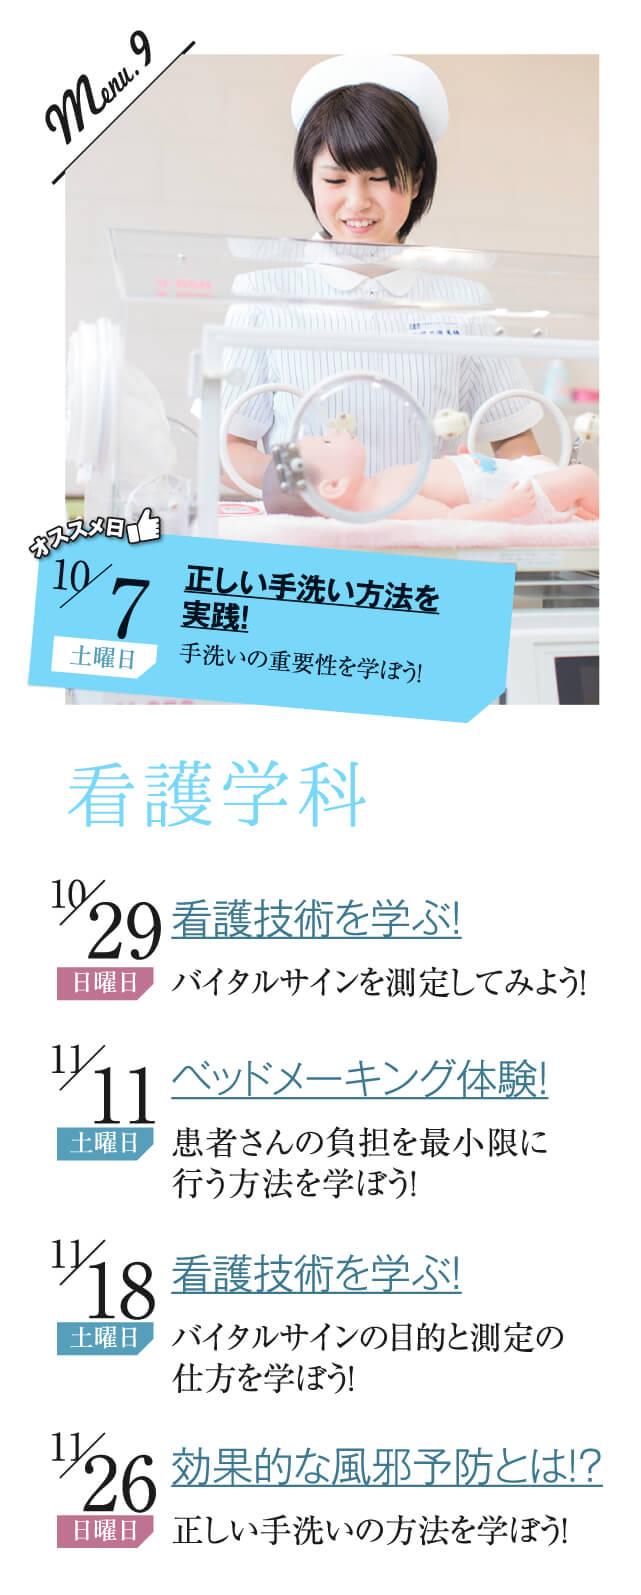 20170925_お知らせ-11